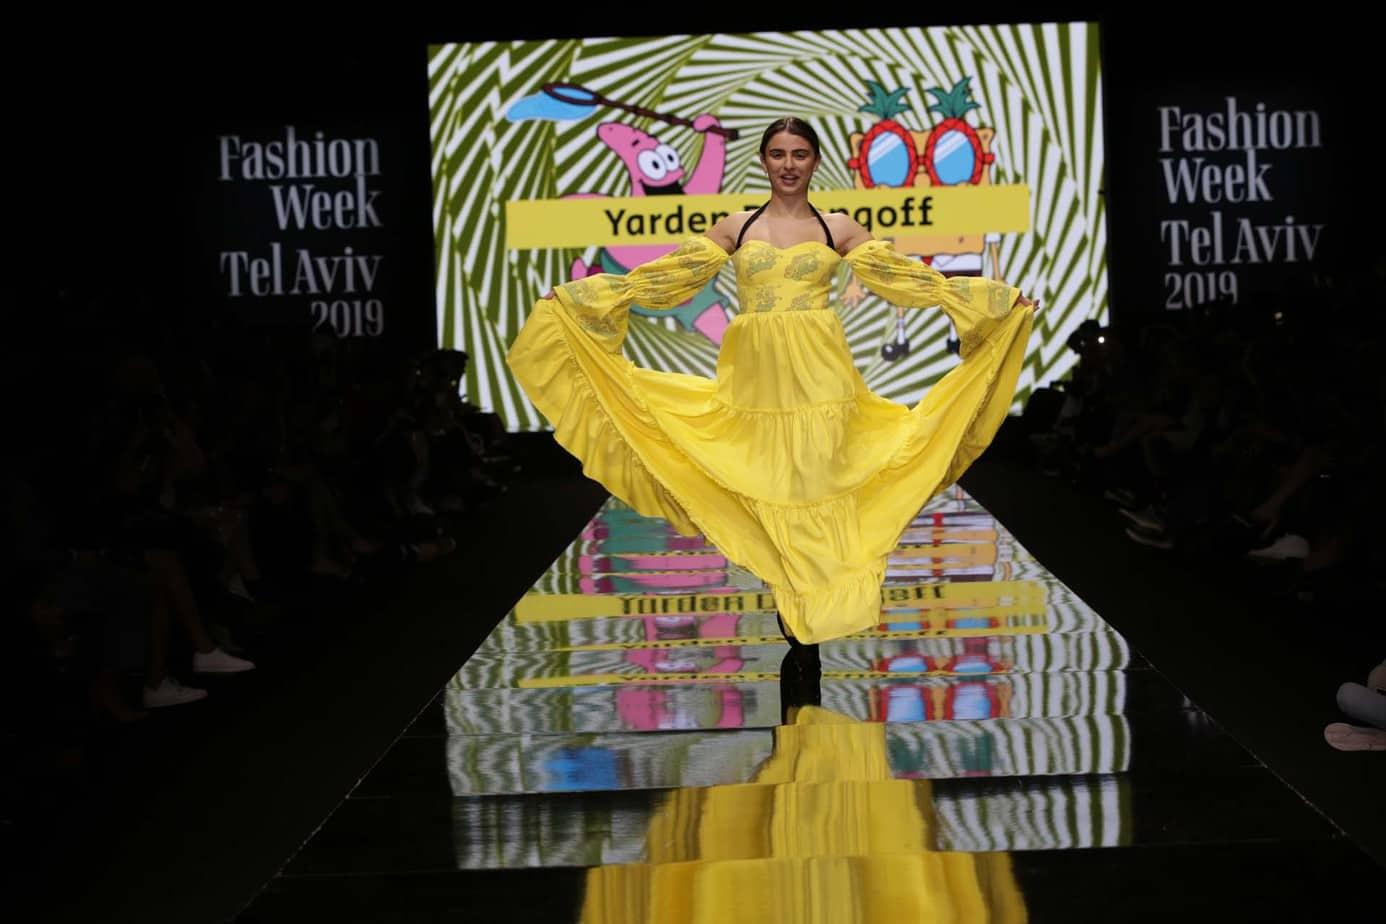 תצוגת בובספוג. שבוע האופנה תל אביב 2019. צילום אבי ולדמן, רפי דלויה. באדיבות ערוץ האופנה הישראלי -7